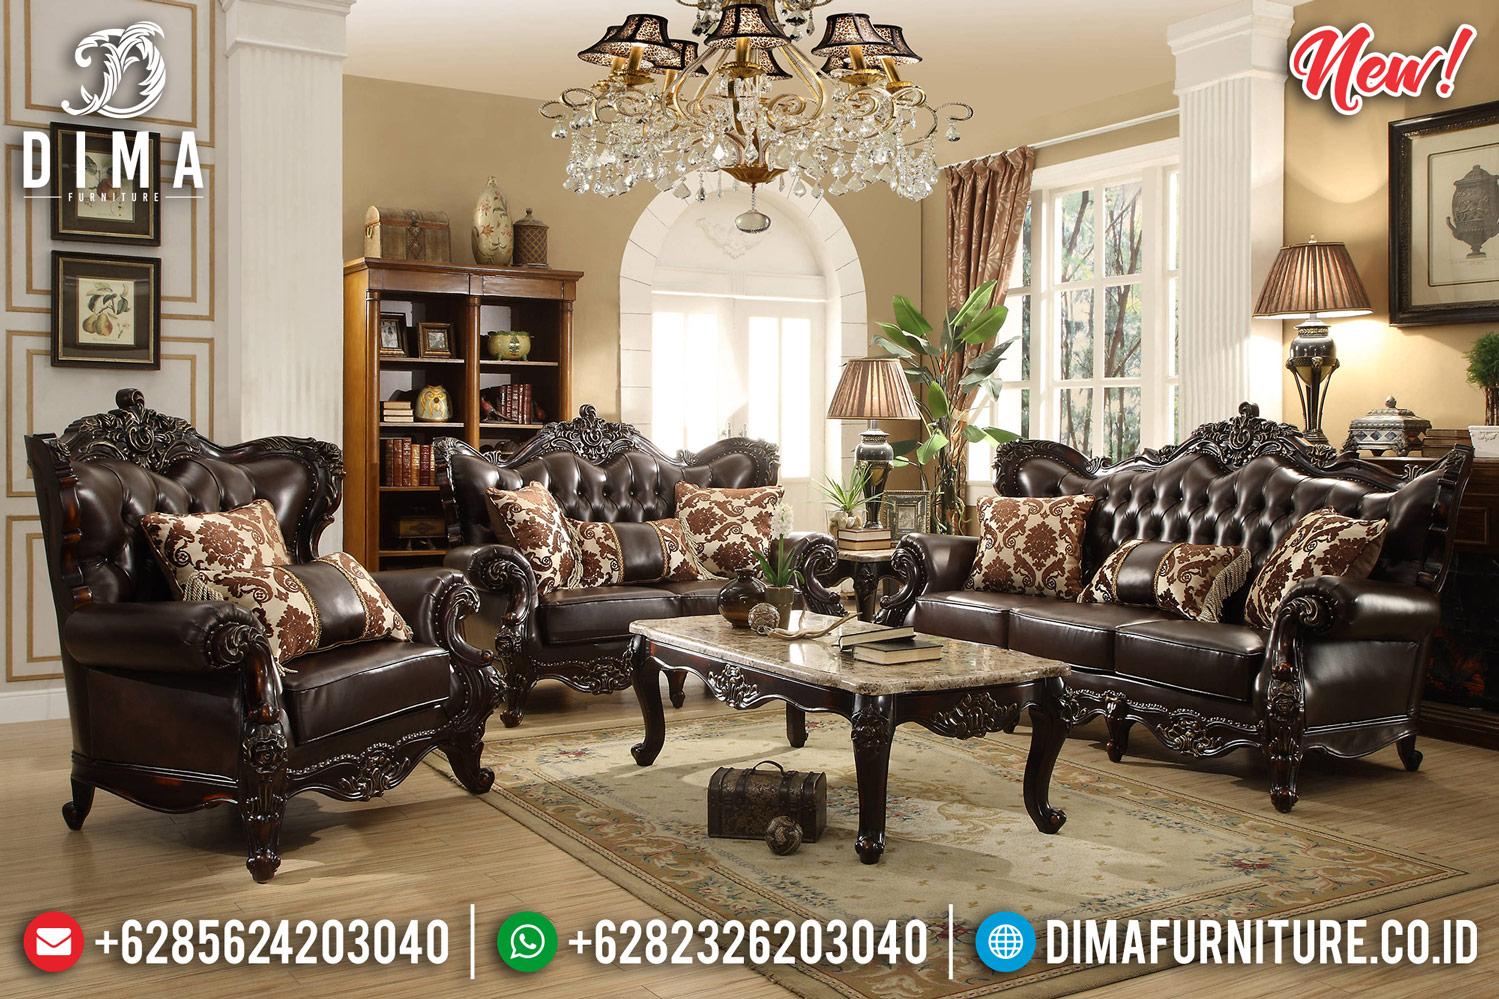 New Kursi Sofa Tamu Jepara Jati Ukiran Mewah Klasik Natural DF-1254